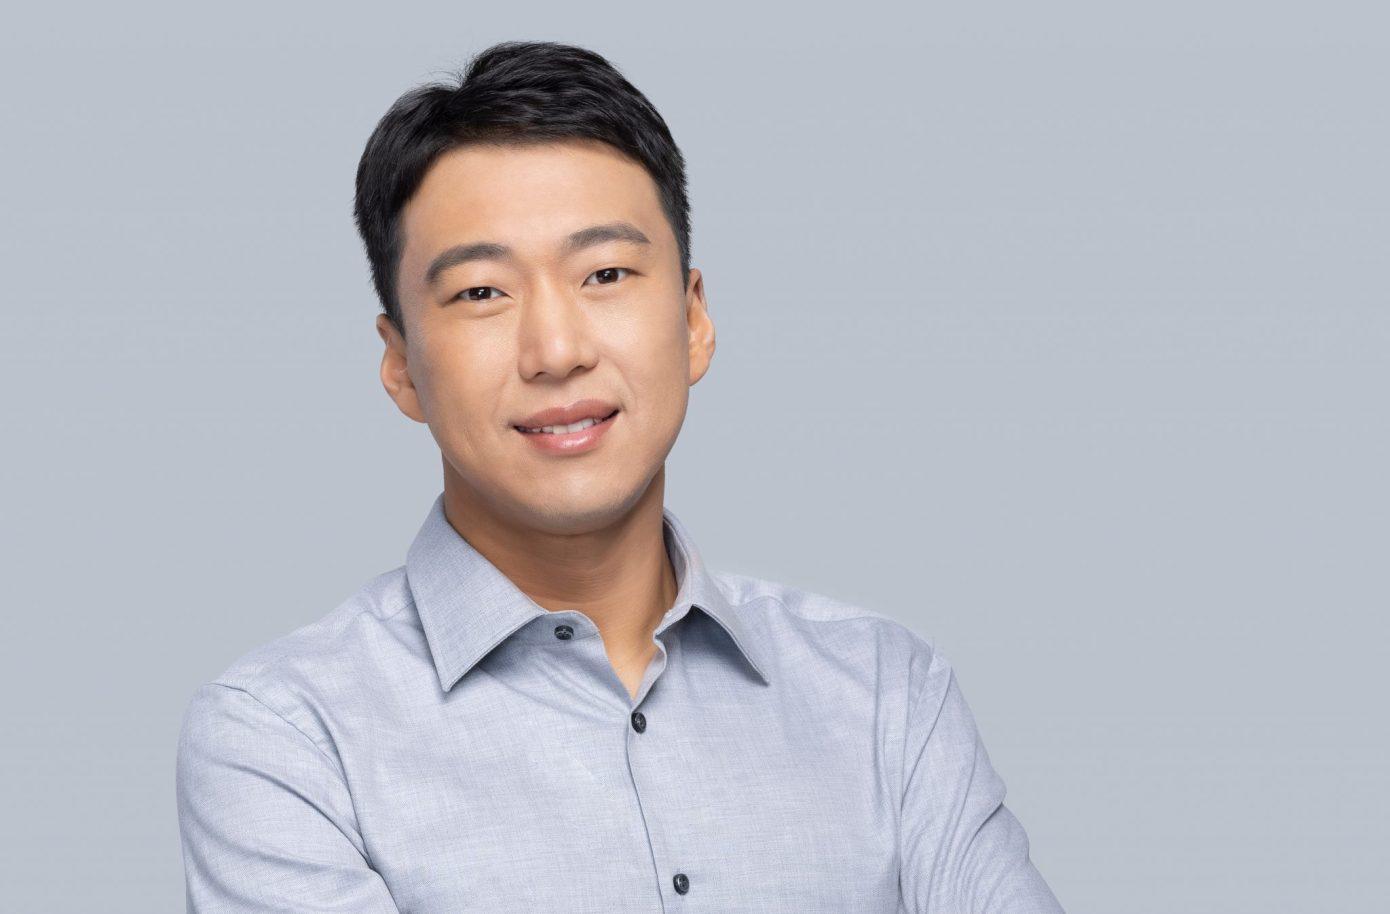 Yang Hou, lãnh đạo mới của Microsoft Trung Quốc